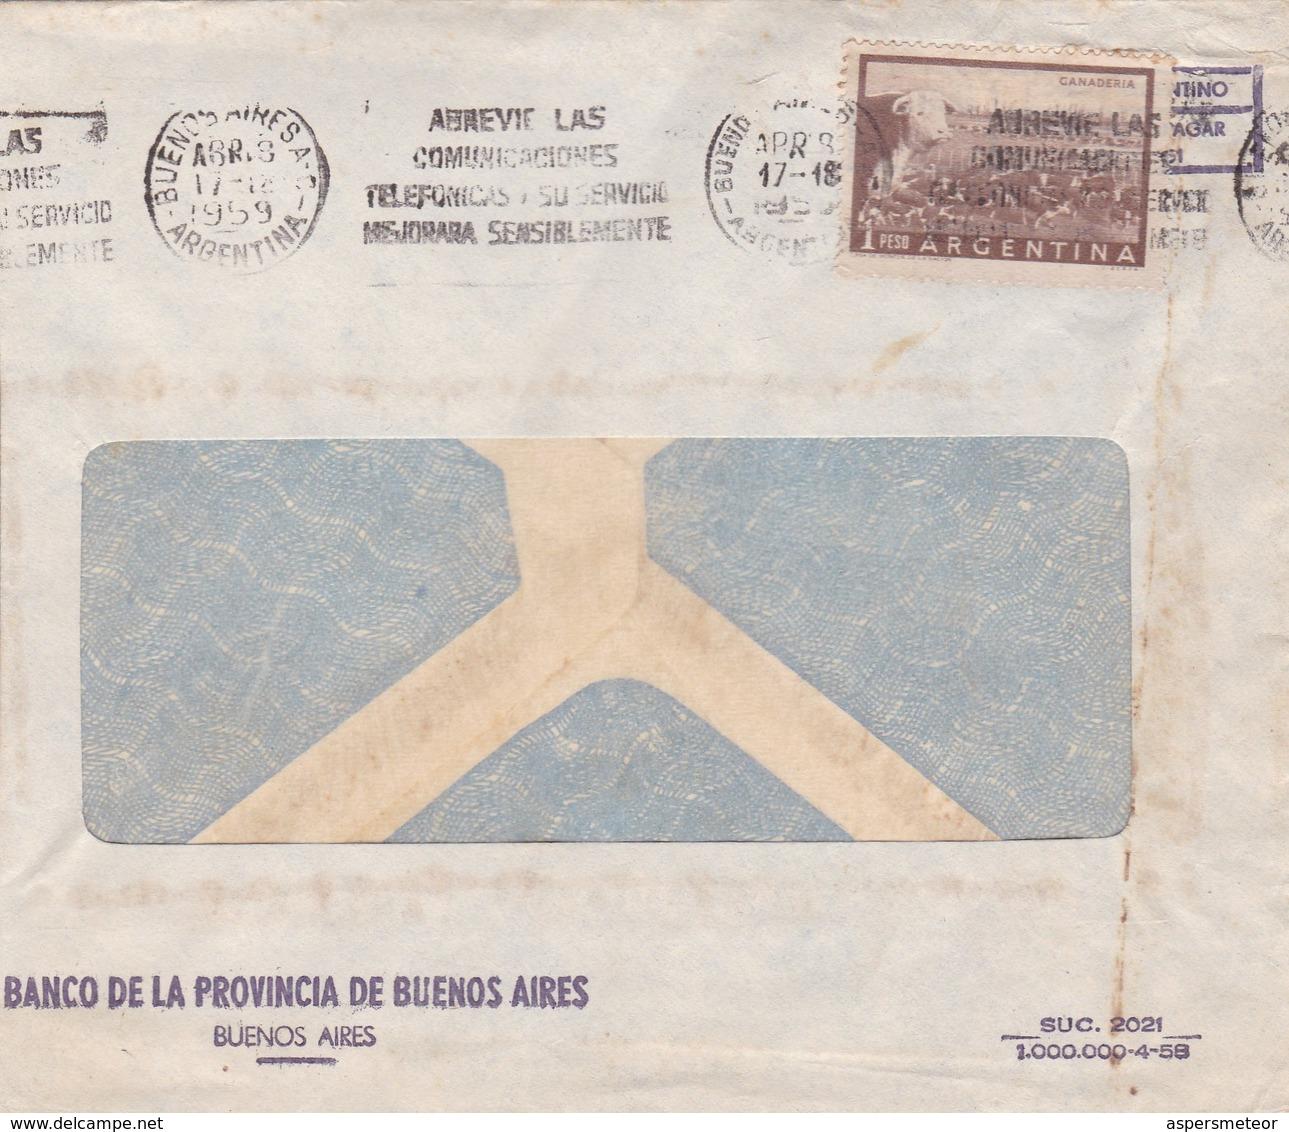 1959 ARGENTINE COMMERCIAL COVER-BANCO DE LA PROVINCIA DE BUENOS AIRES. CIRCULEE, BANDELETA PARLANTE- BLEUP - Lettres & Documents